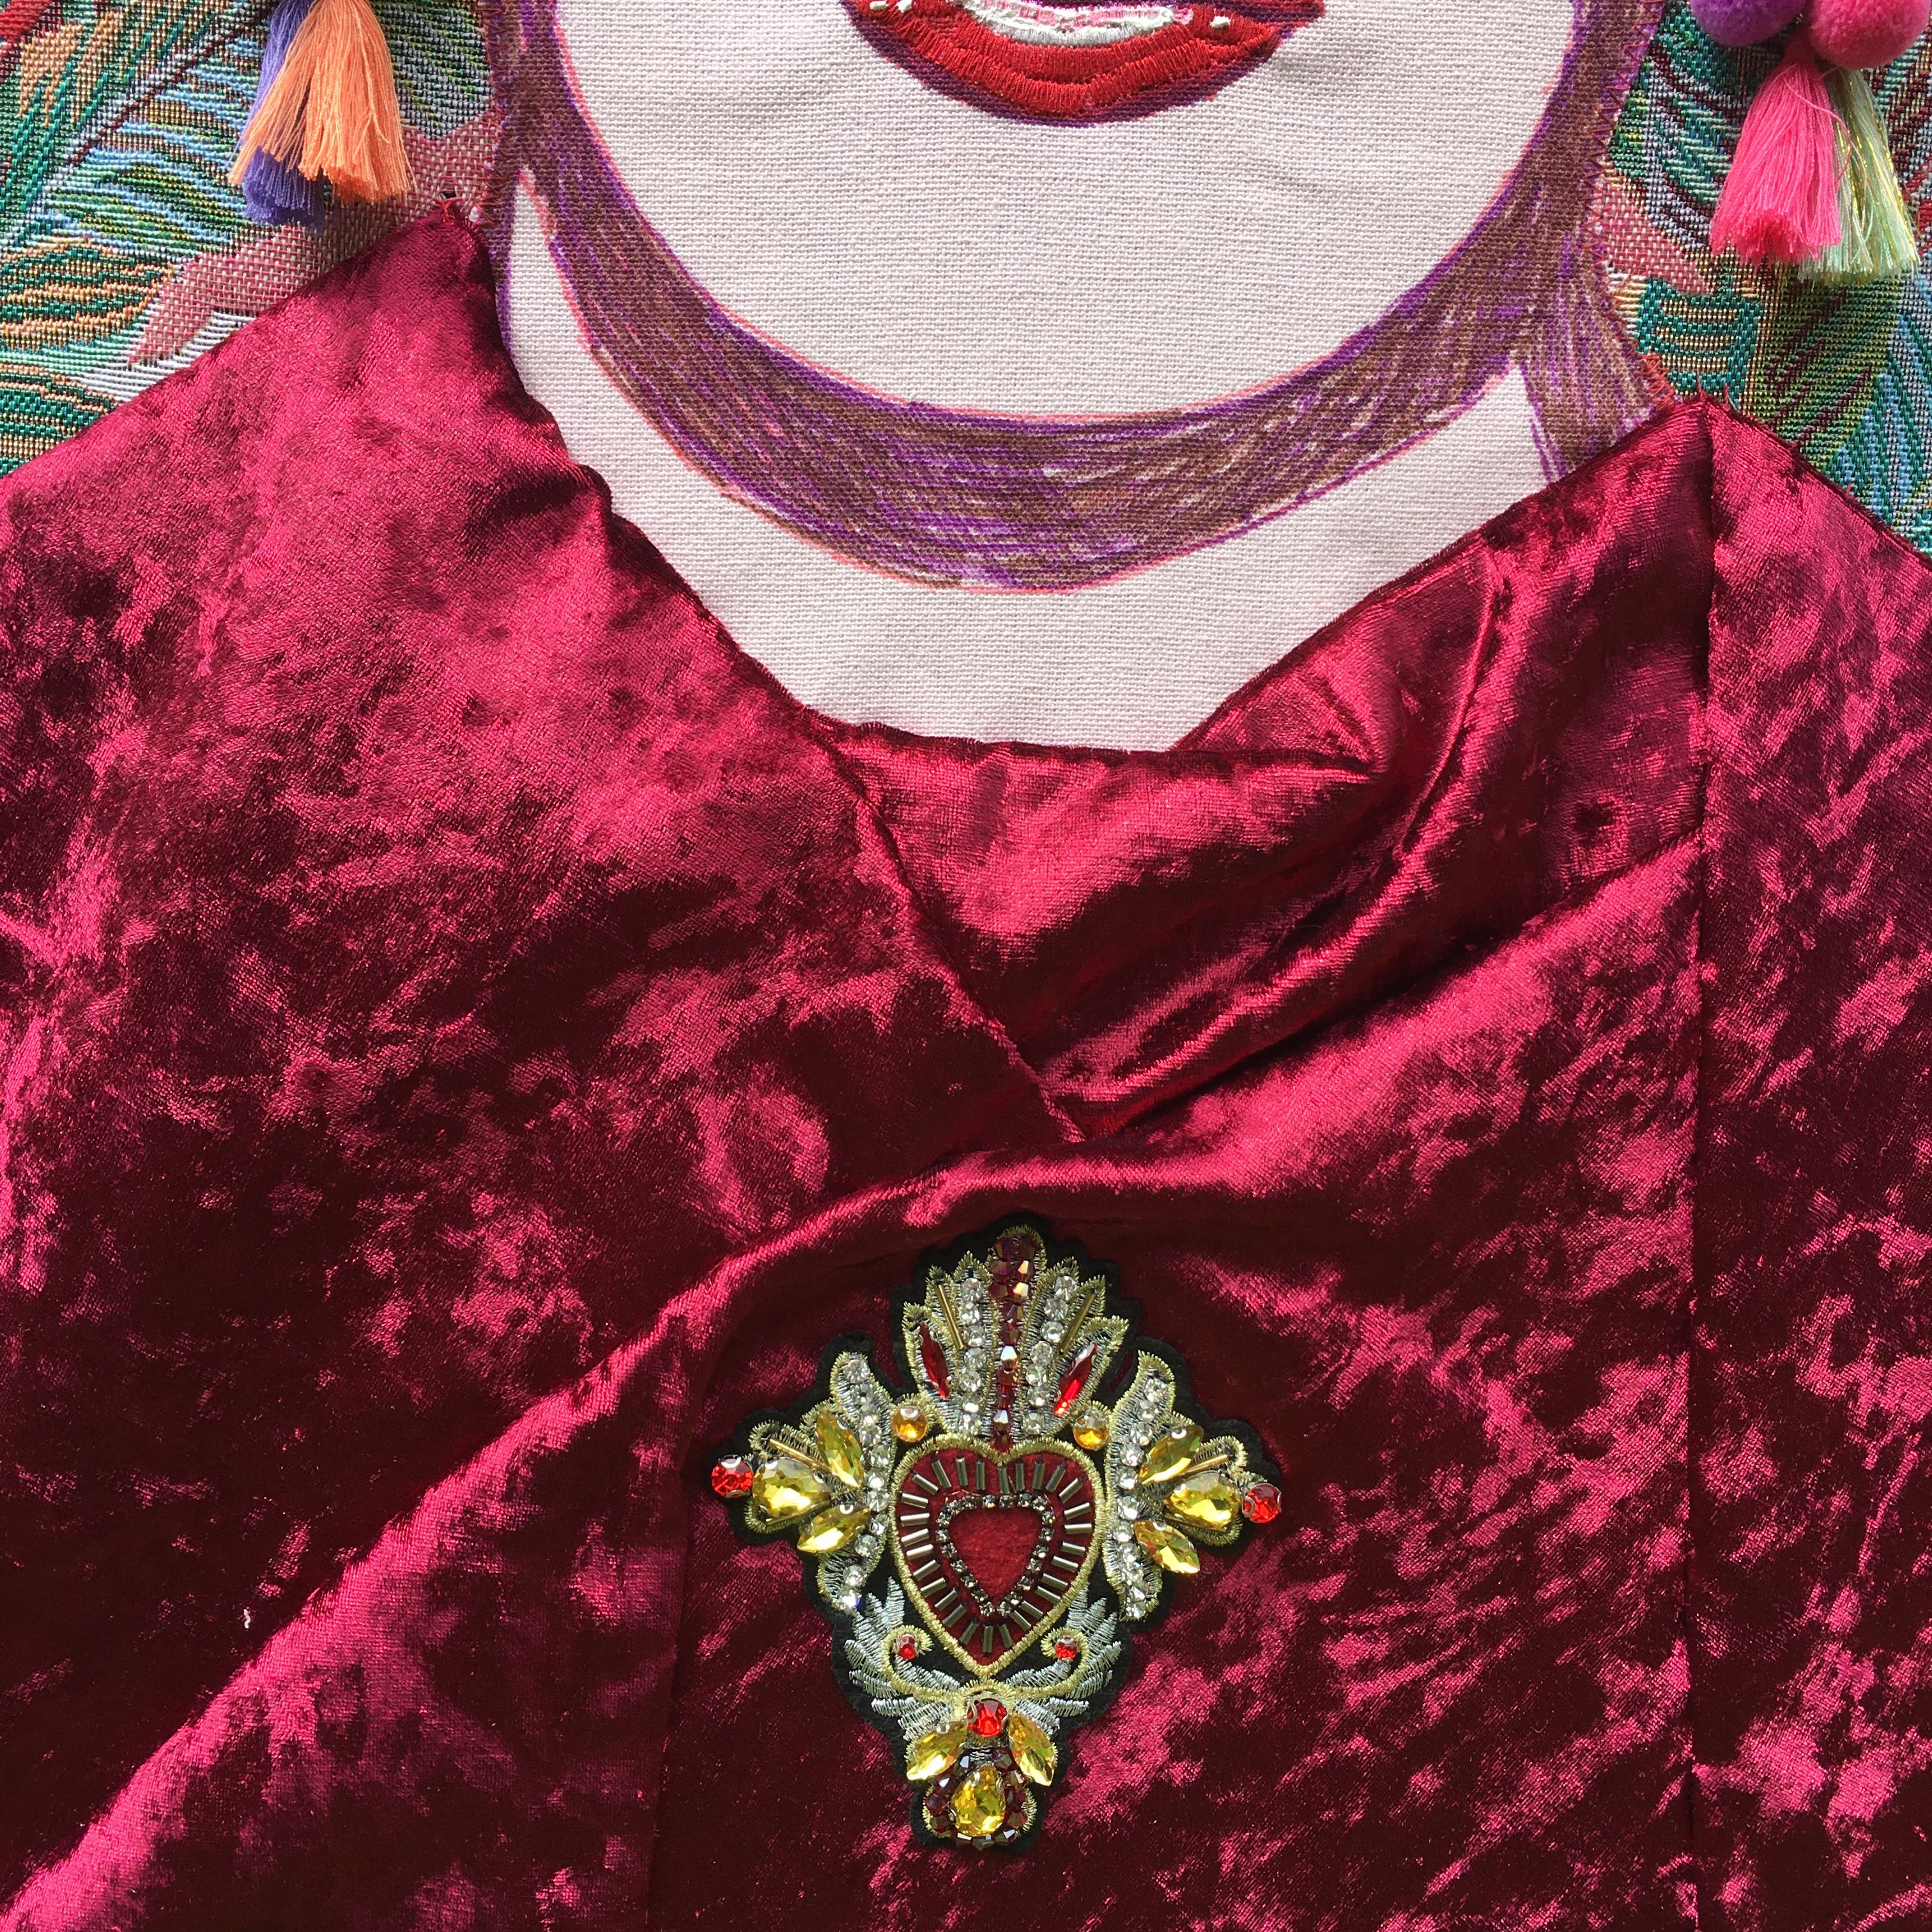 Frida Kahlo inspired wingback